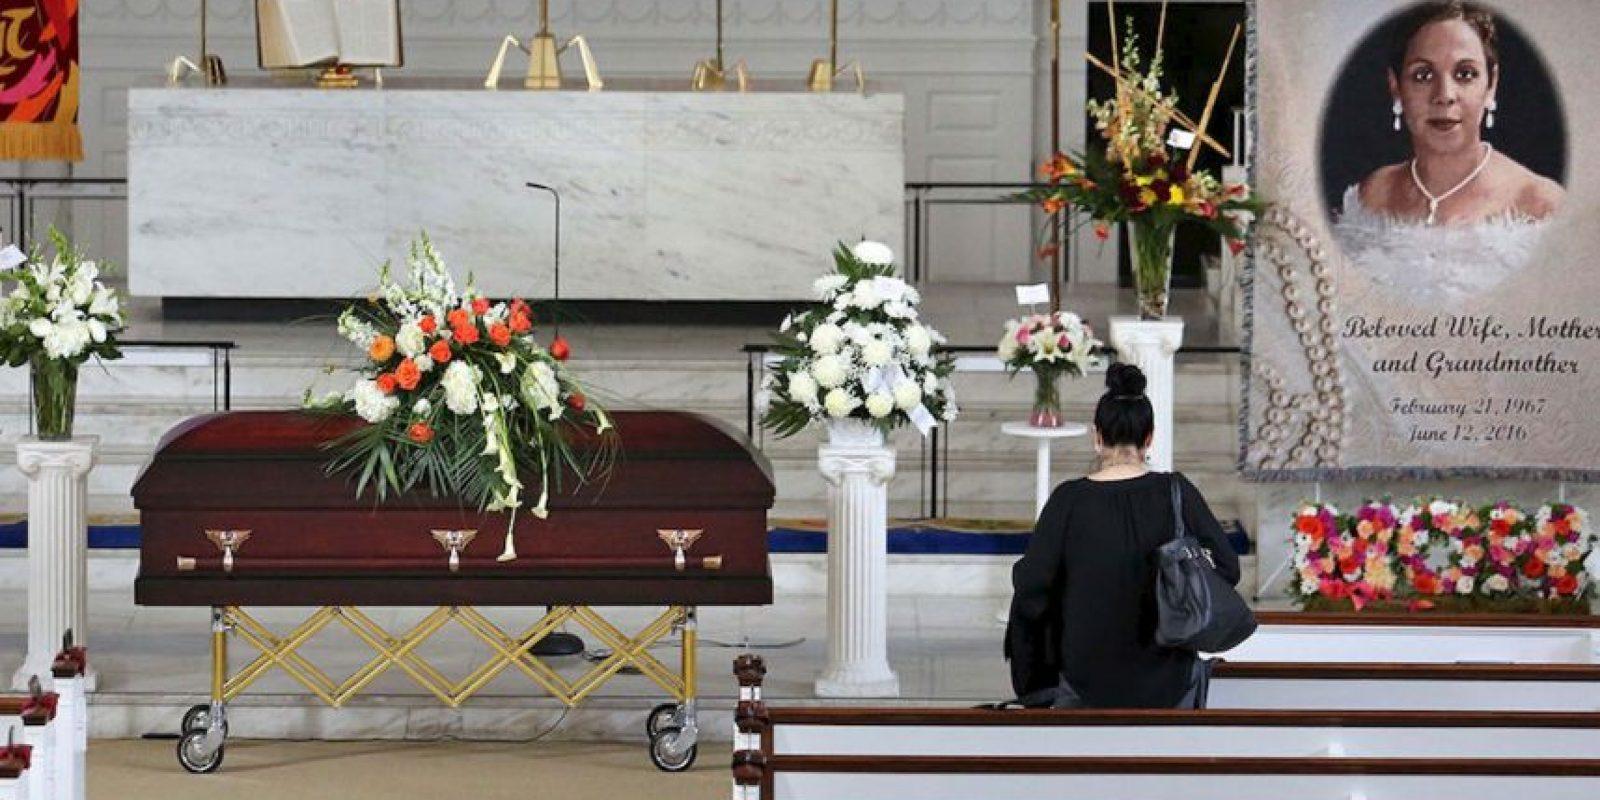 Brenda, de 49 años de edad, fue una mujer fuerte. Madres soltera de 11 hijos, 7 hombres y 4 mujeres. Foto:AP. Imagen Por: